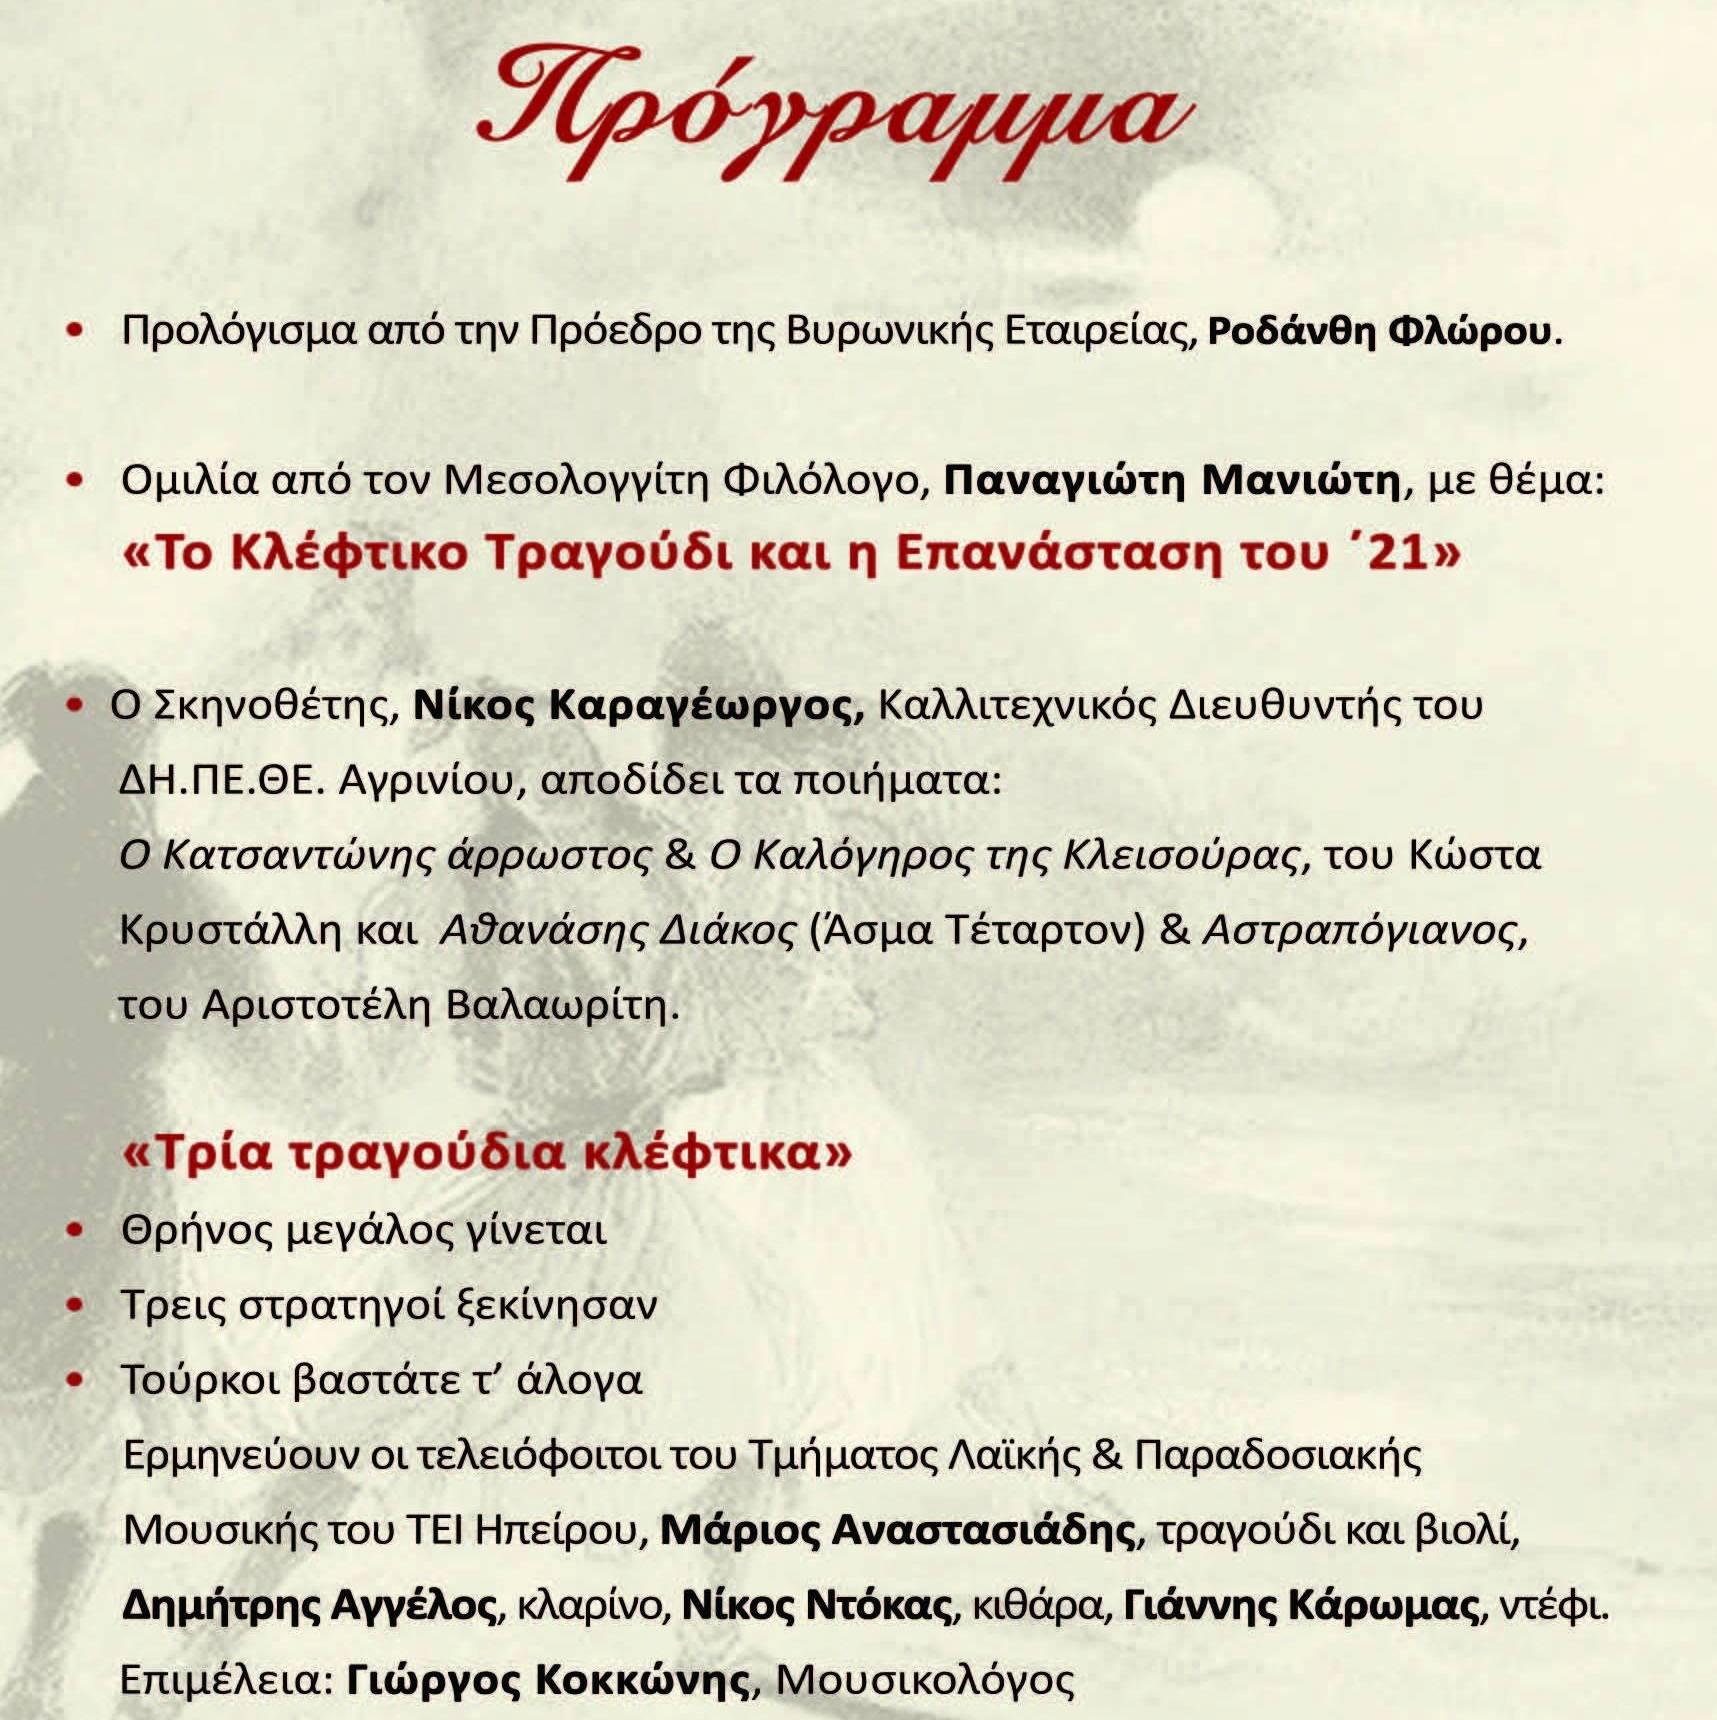 ΠΡΟΣΚΛΗΣΗ- ΚΛΕΦΤΙΚΟ ΤΡΑΓΟΥΔΙ-ΠΡΟΓΡΑΜΜΑ (1)